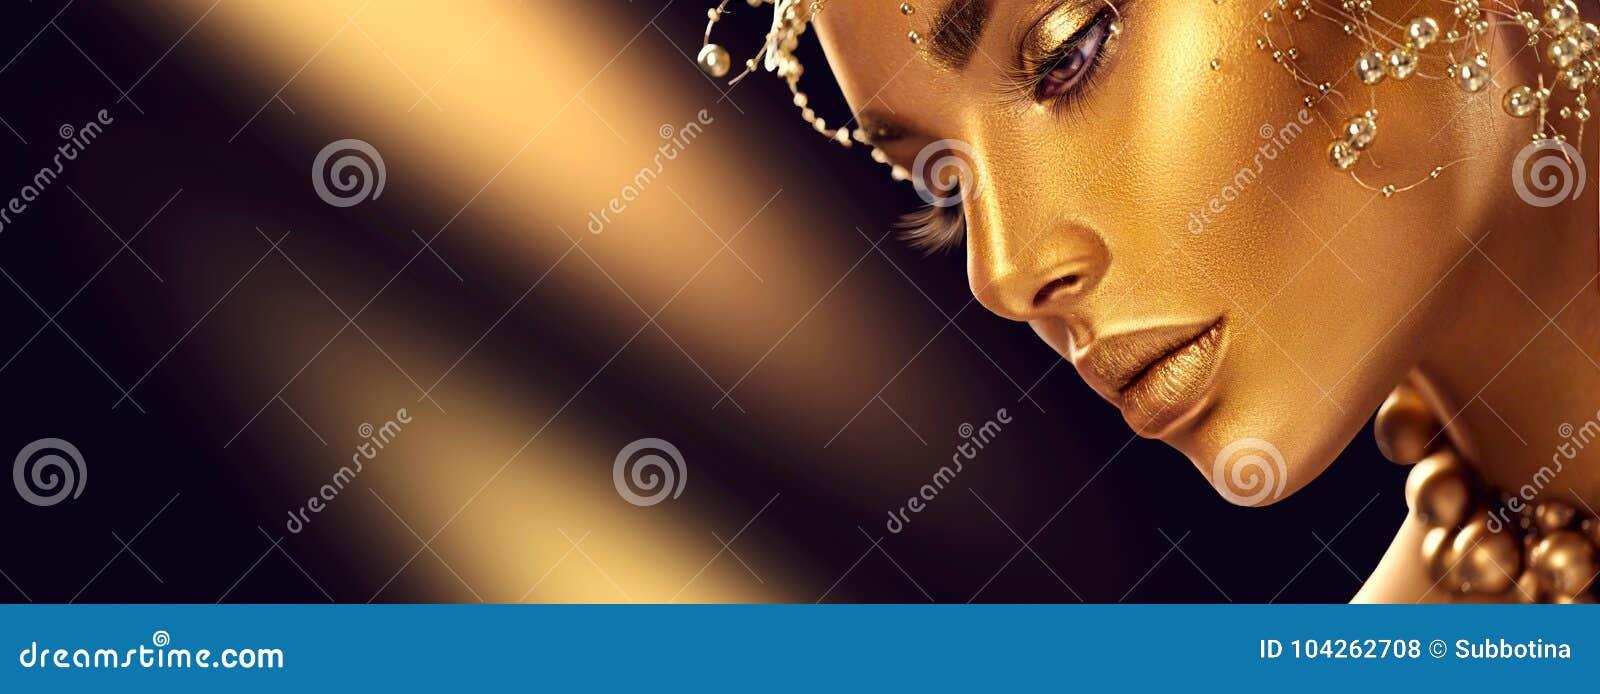 Piękno wzorcowa dziewczyna z wakacyjnym złotym błyszczącym fachowym makeup Złocista biżuteria i akcesoria